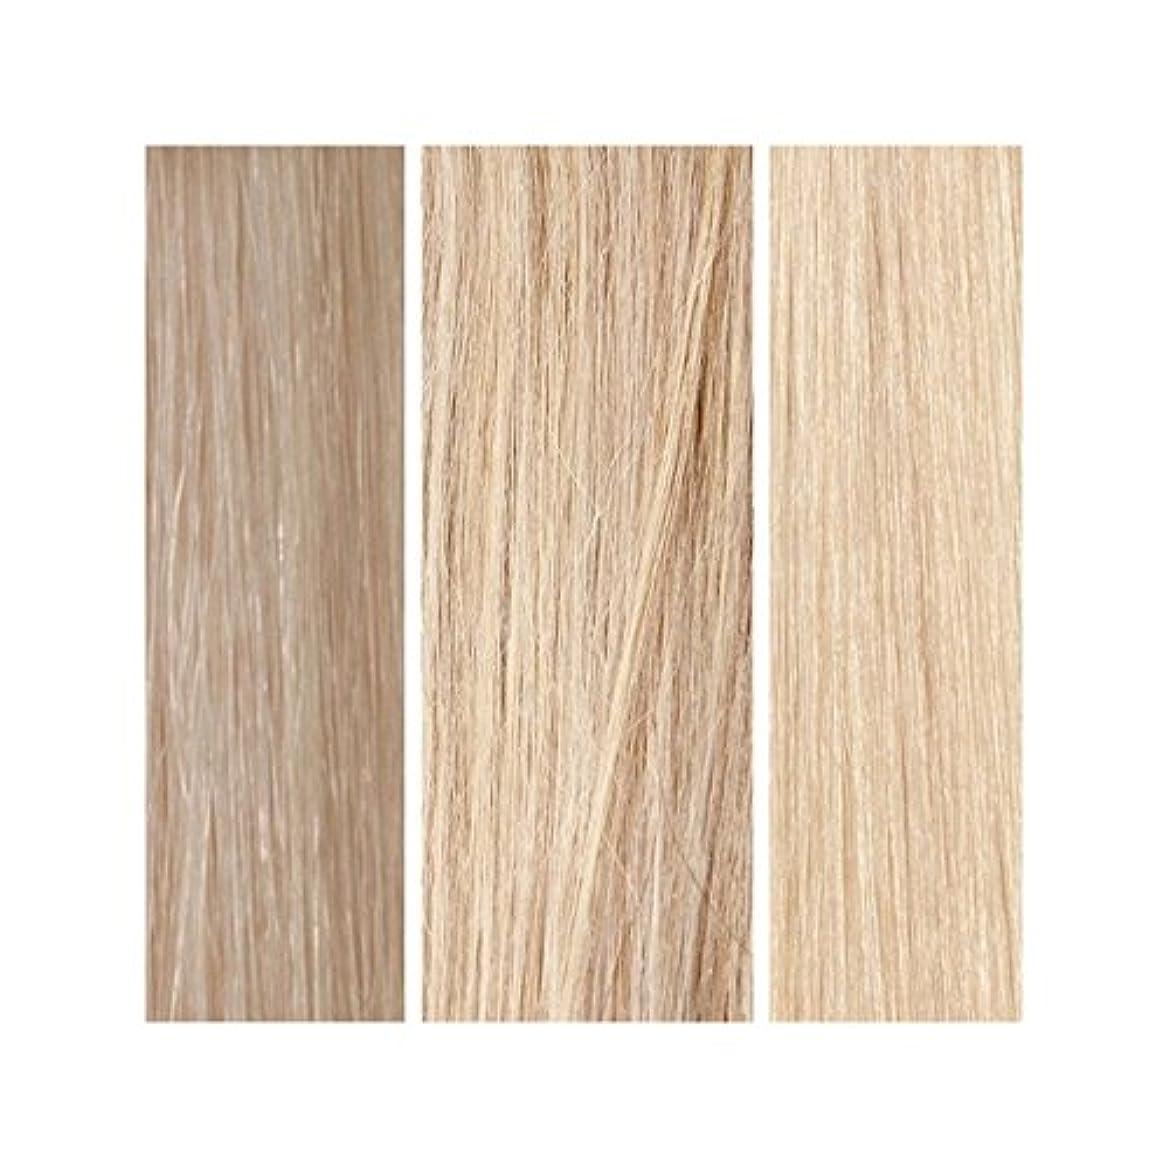 危機冒険者差Beauty Works 100% Remy Colour Swatch - Light Blonde Bundle (Pack of 6) - ライトブロンドバンドル - 美しさは、100%レミーの色見本を働きます x6 [並行輸入品]